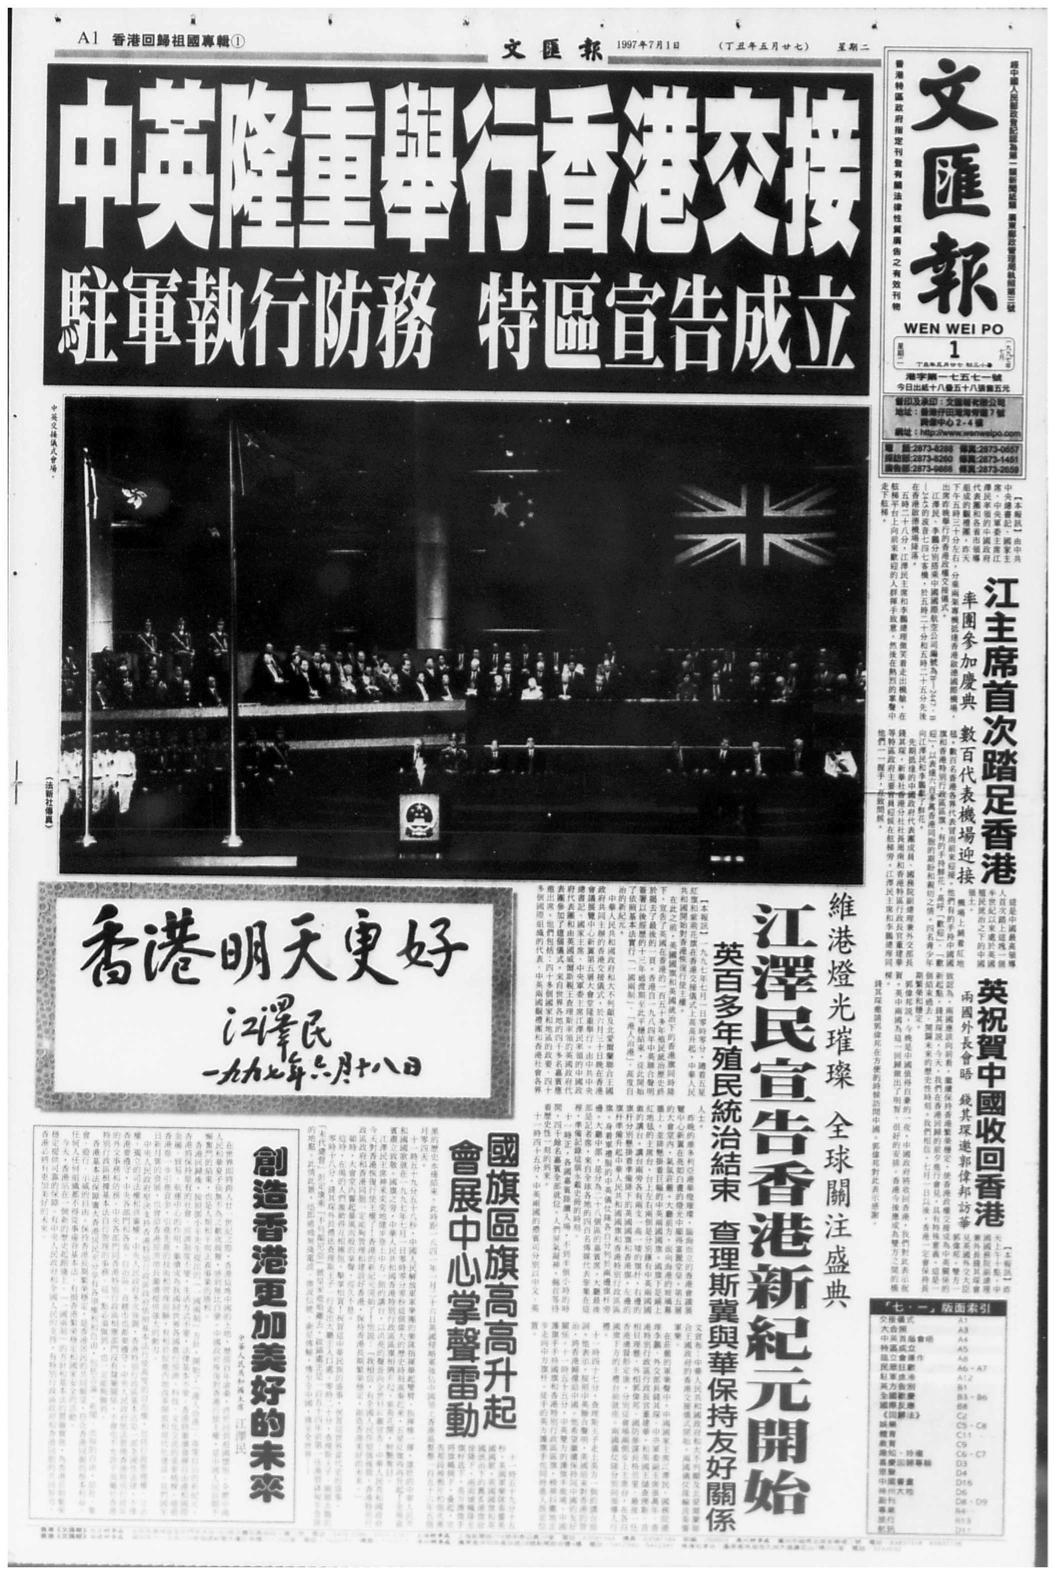 1997年7月1日,香港移交主權,《文匯》說,「中英隆重舉行香港交接」。